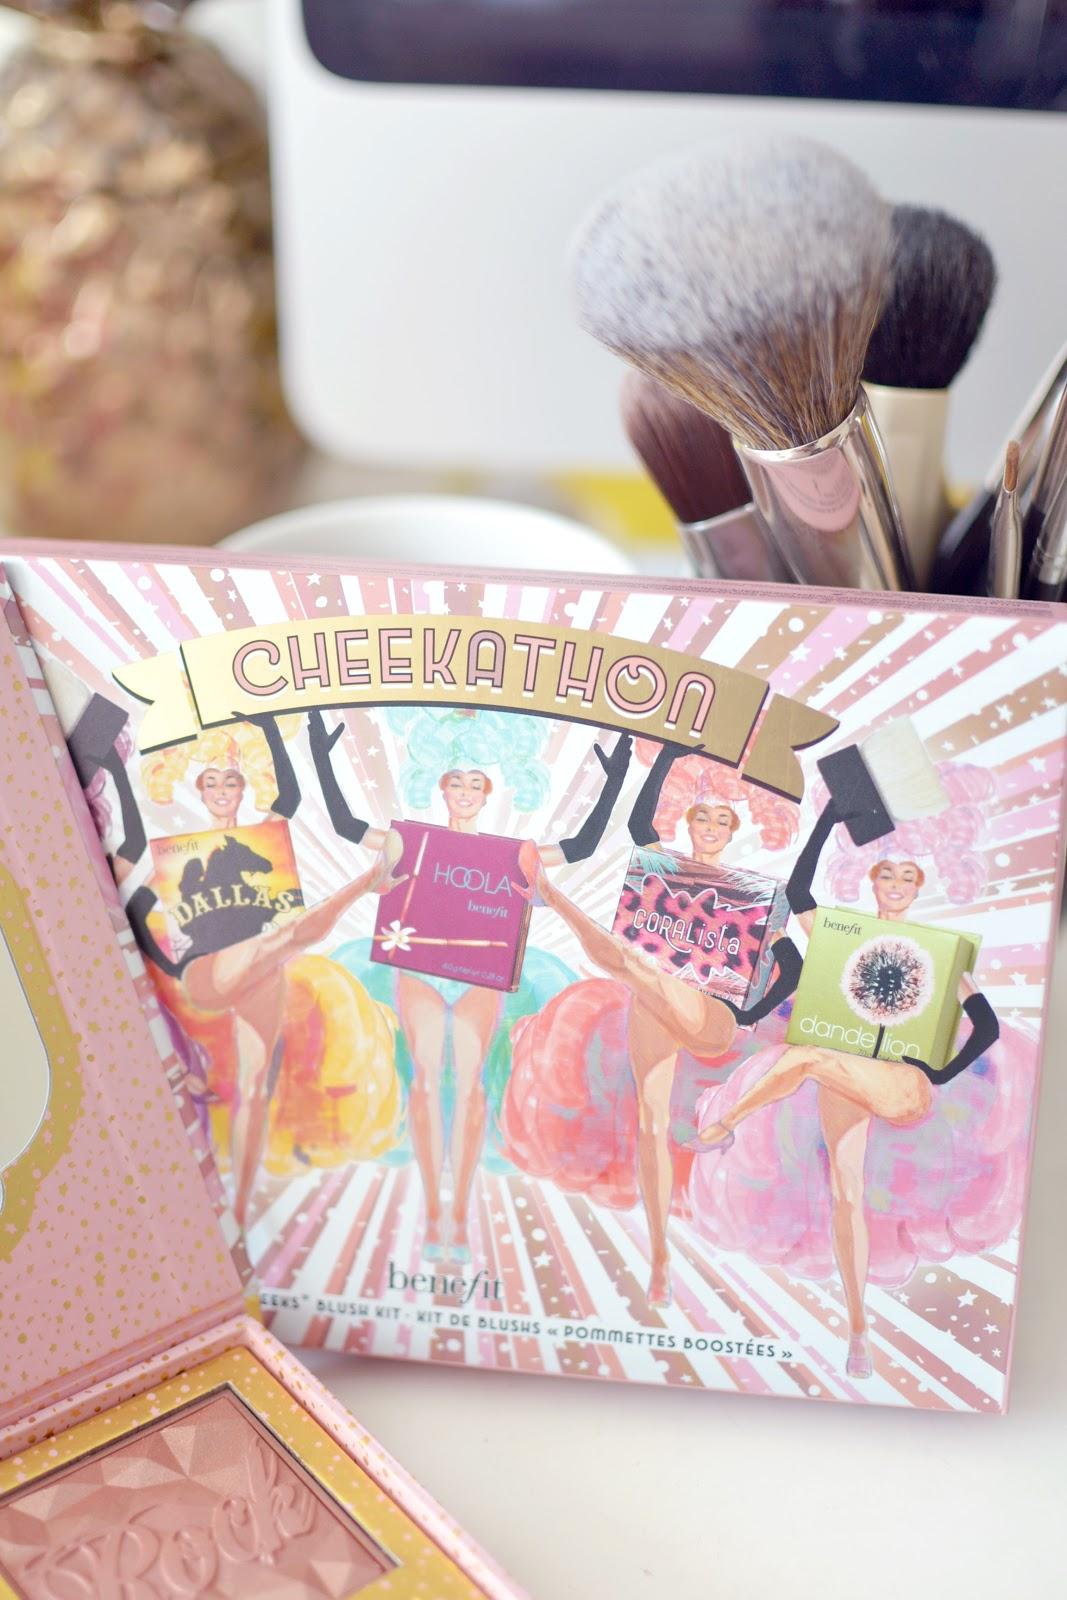 Benefit's Cheekathon blusher palette